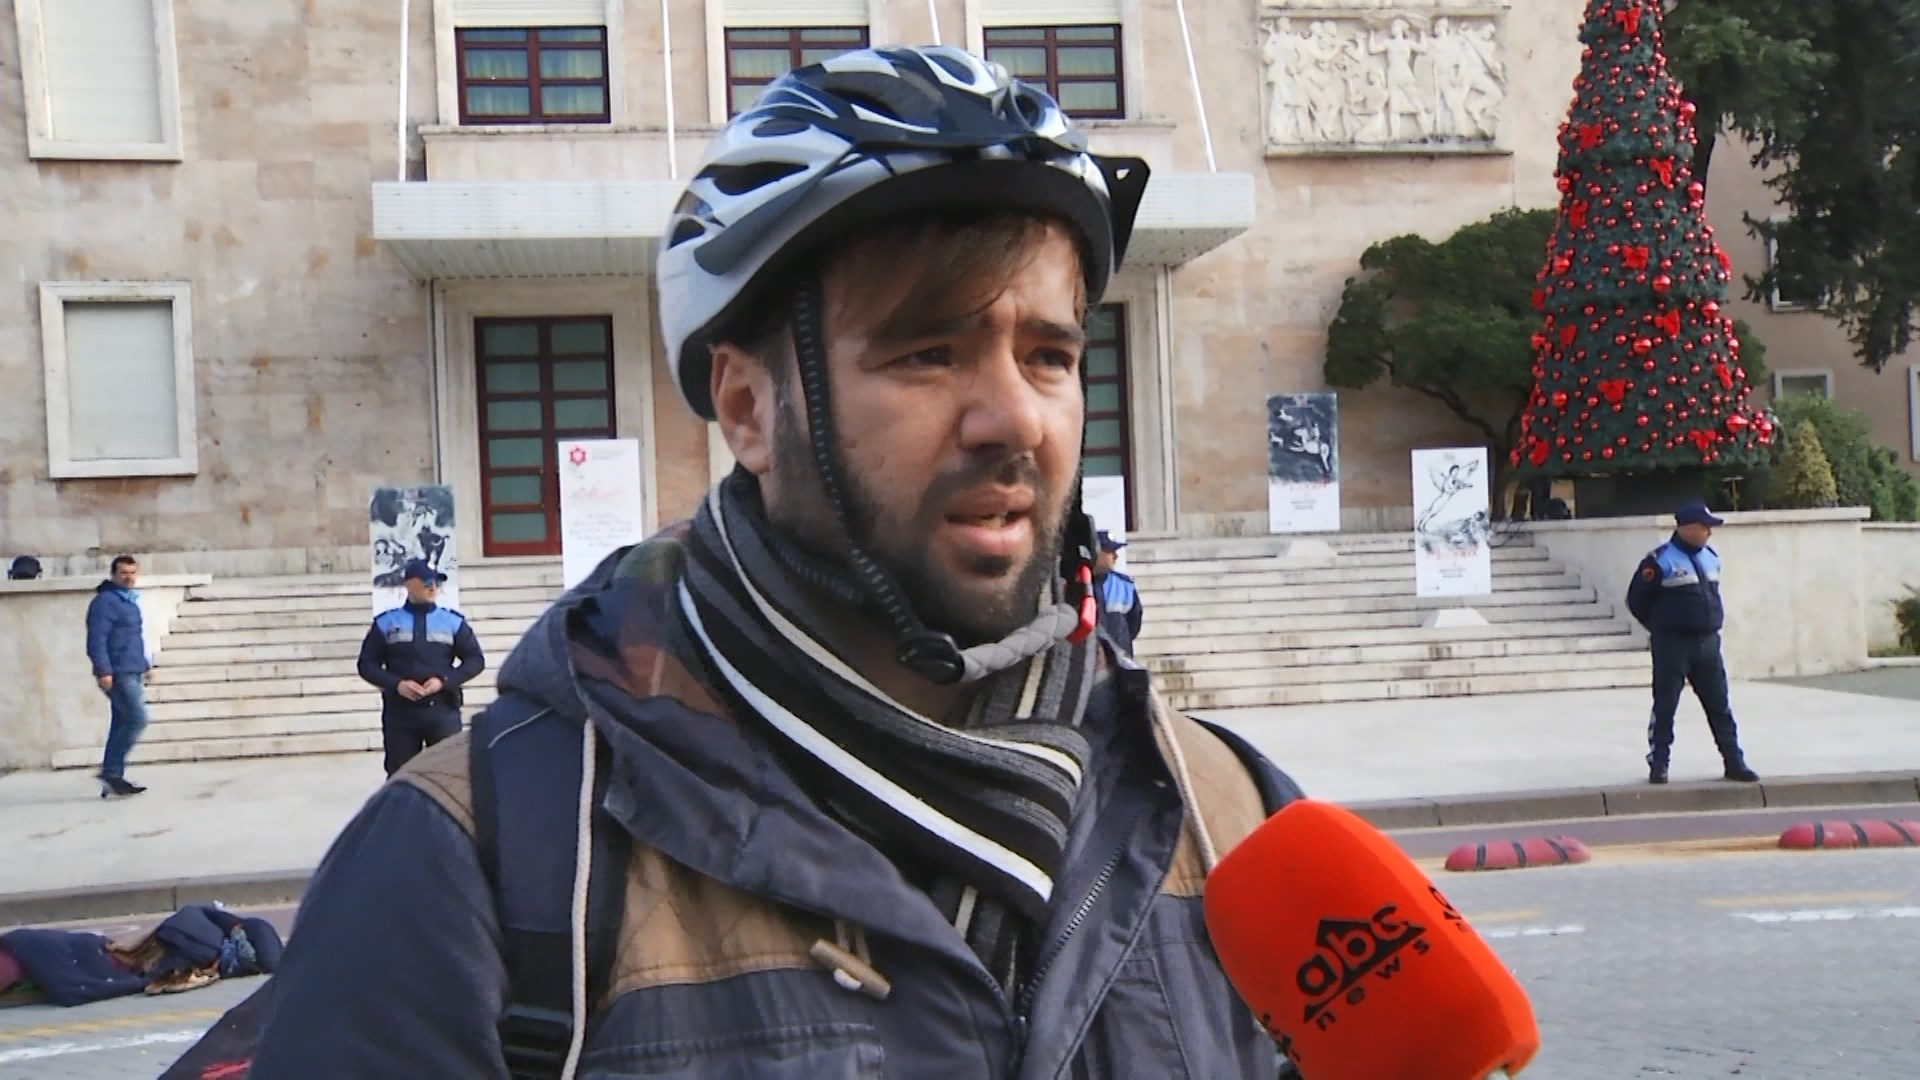 Çfarë bënë studentët që refuzuan protestën te Parlamenti